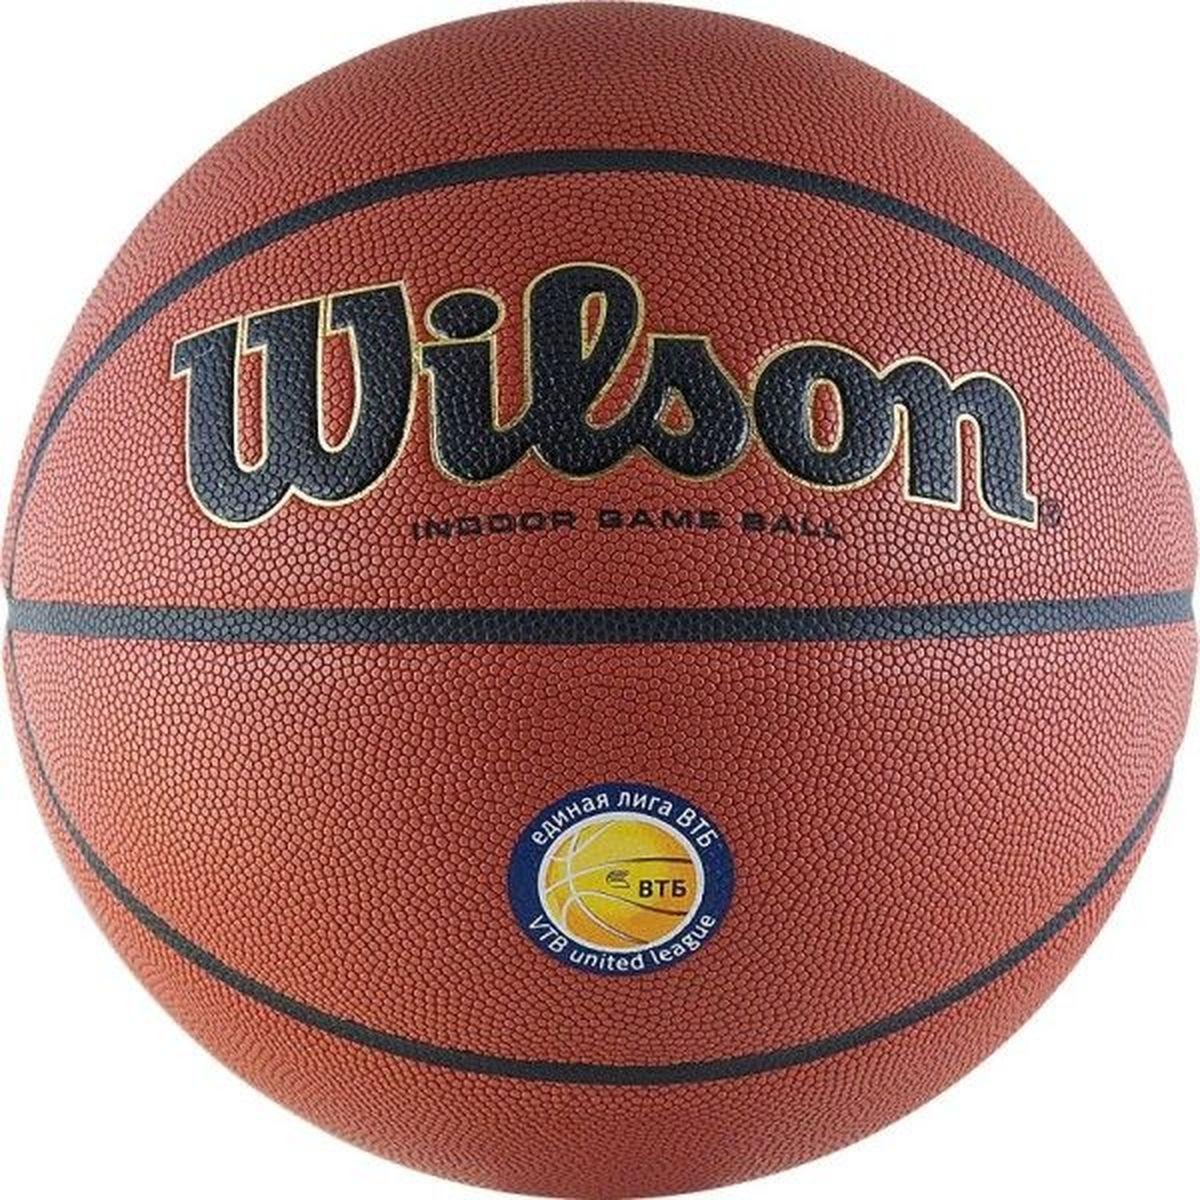 Мяч баскетбольный Wilson Vtb24 Game Sz7, цвет: рыжий. Размер 7WTP000265Баскетбольный мяч Wilson Vtb24 Game Sz7 - эксклюзивный мяч с особым кожаным покрытием, с революционными влагопоглощающими канальцами, технологией Cushion Core, созданный для игры высшего класса. Мяч имеет логотип ВТБ24Мяч обладает большой цепкостью, он не выскальзывает из рук во время броска или дриблинга. Баскетбольный мяч рекомендован для тренировок и соревнований команд высокого уровня.Размер №7: для мужчин и юношей от 17 лет, официальный размер для соревнований.УВАЖАЕМЫЕ КЛИЕНТЫ!Обращаем ваше внимание на тот факт, что мяч поставляется в сдутом виде. Насос в комплект не входит.